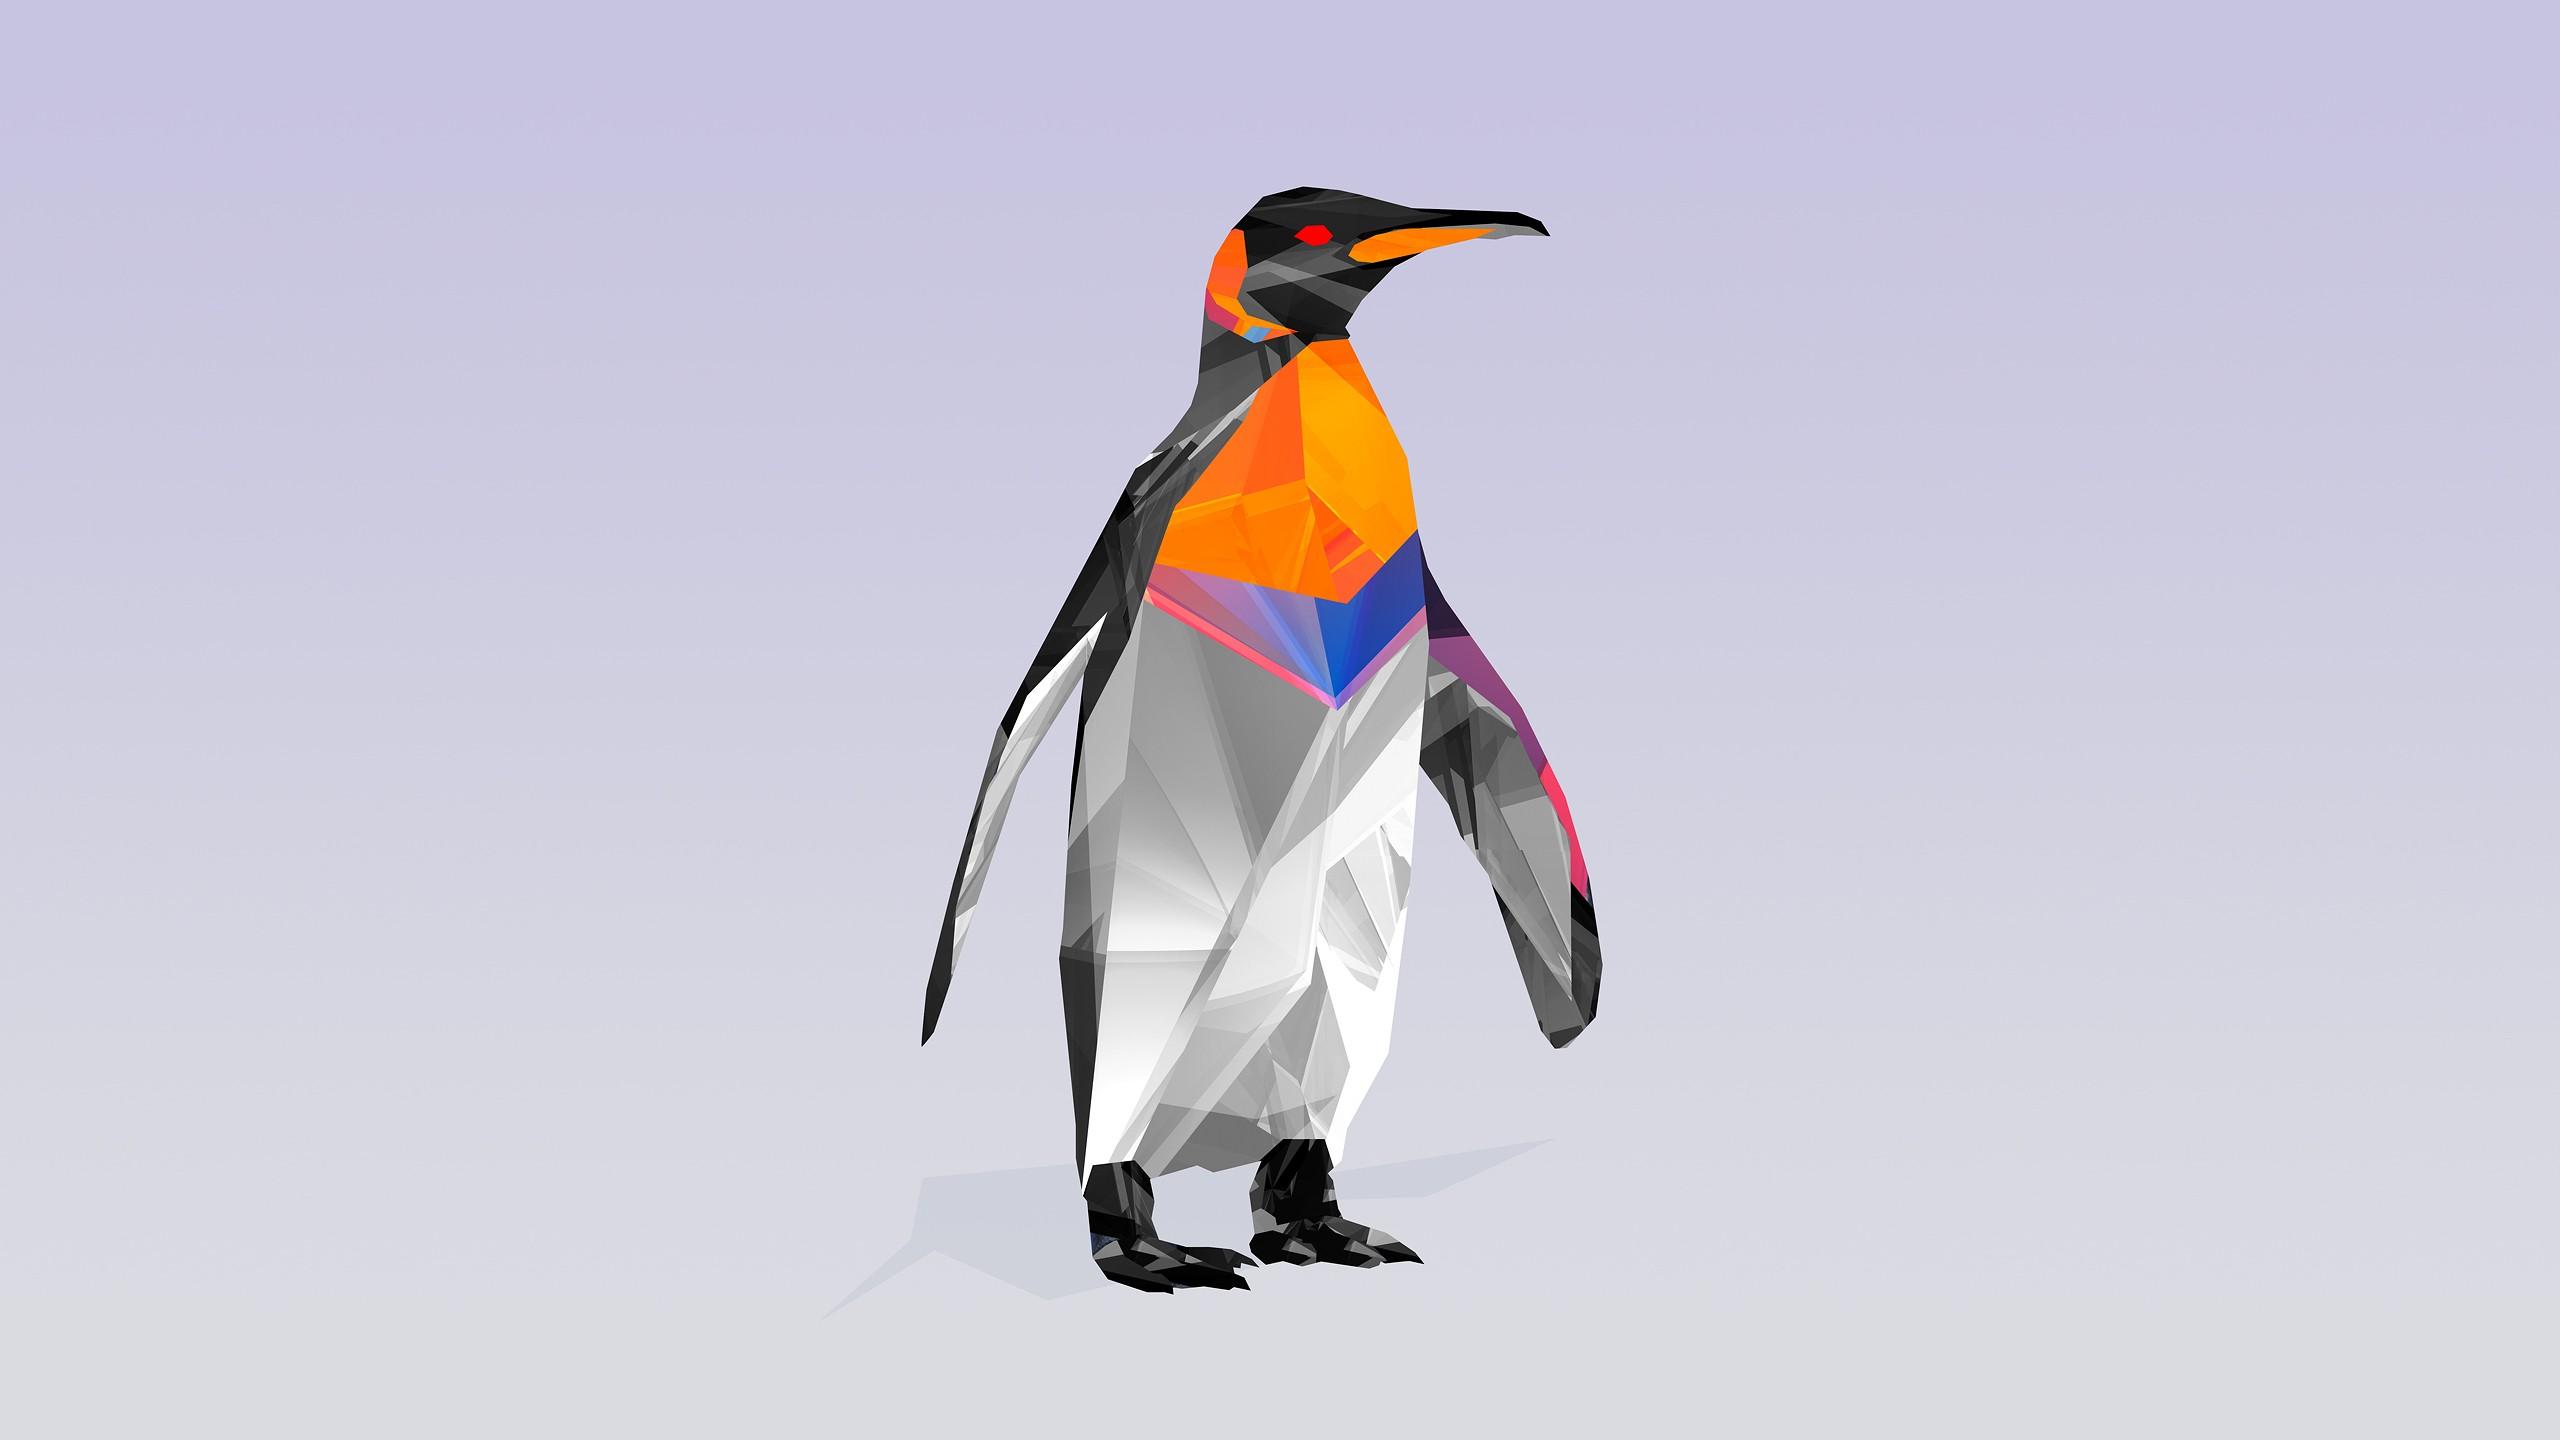 2560x1440 Px Animals Digital Art Facets Justin Maller Penguins